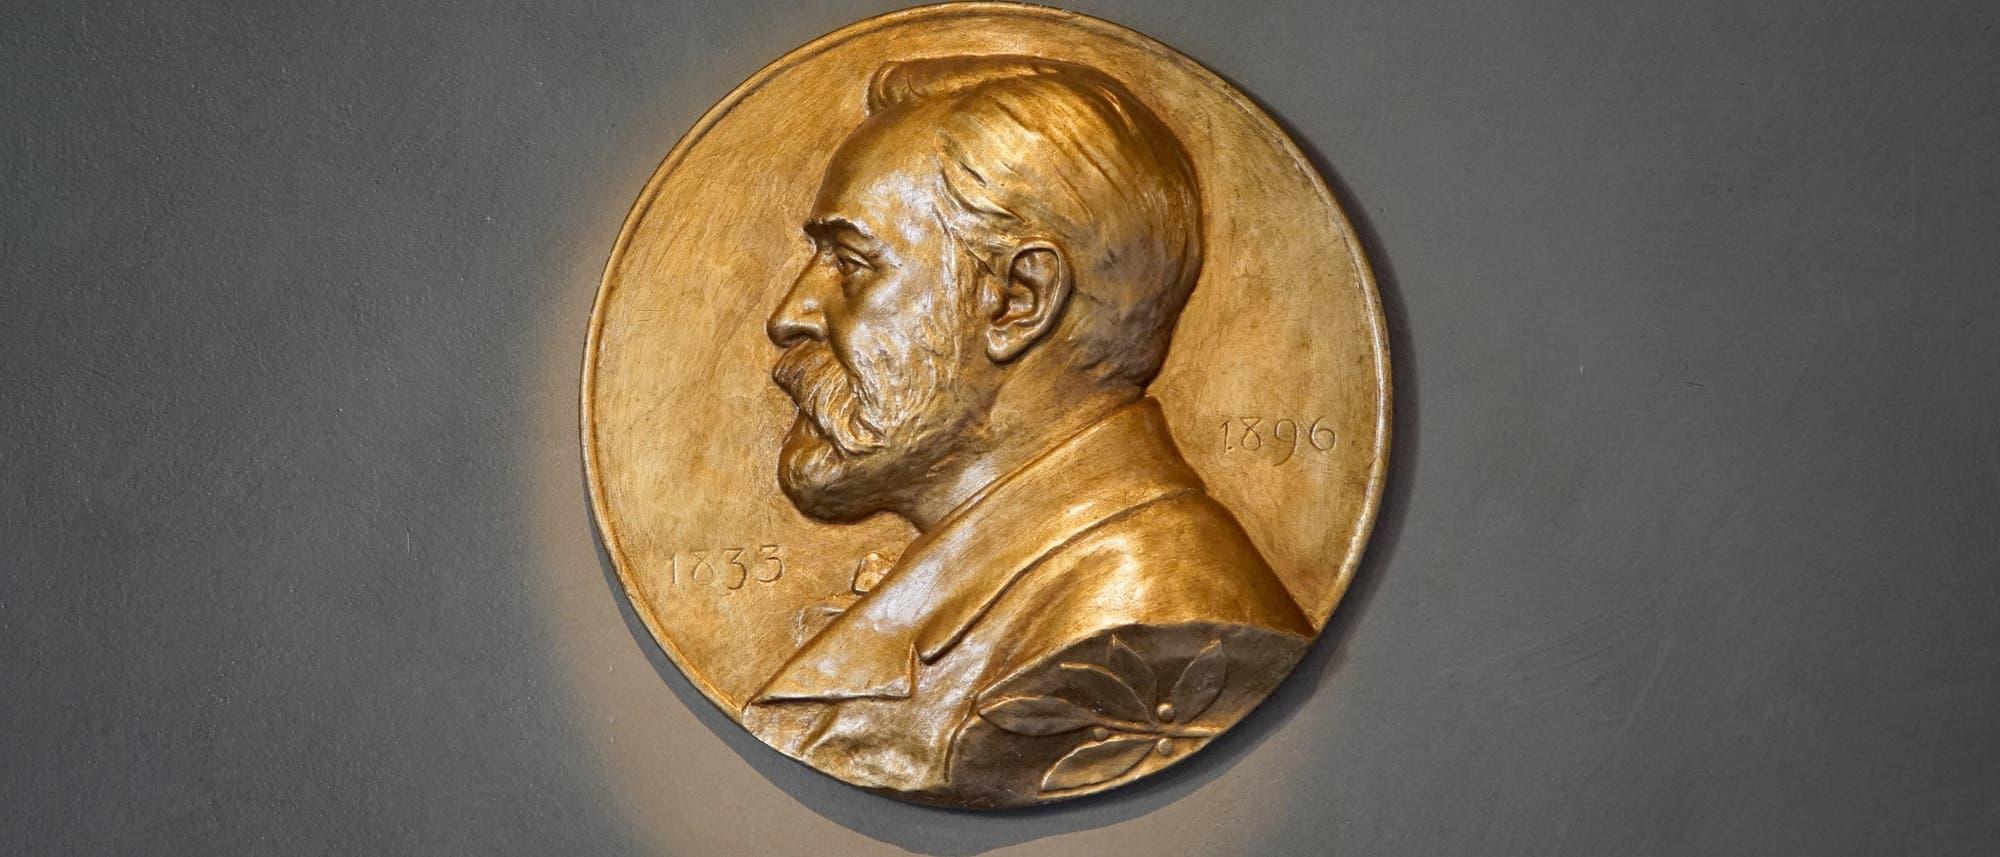 Die Statuten der Nobelstiftung besagen, die Preisträger sollen eine Goldmedaille bekommen, die das Abbild des Testamentsverfassers und eine angemessene Inschrift tragen.